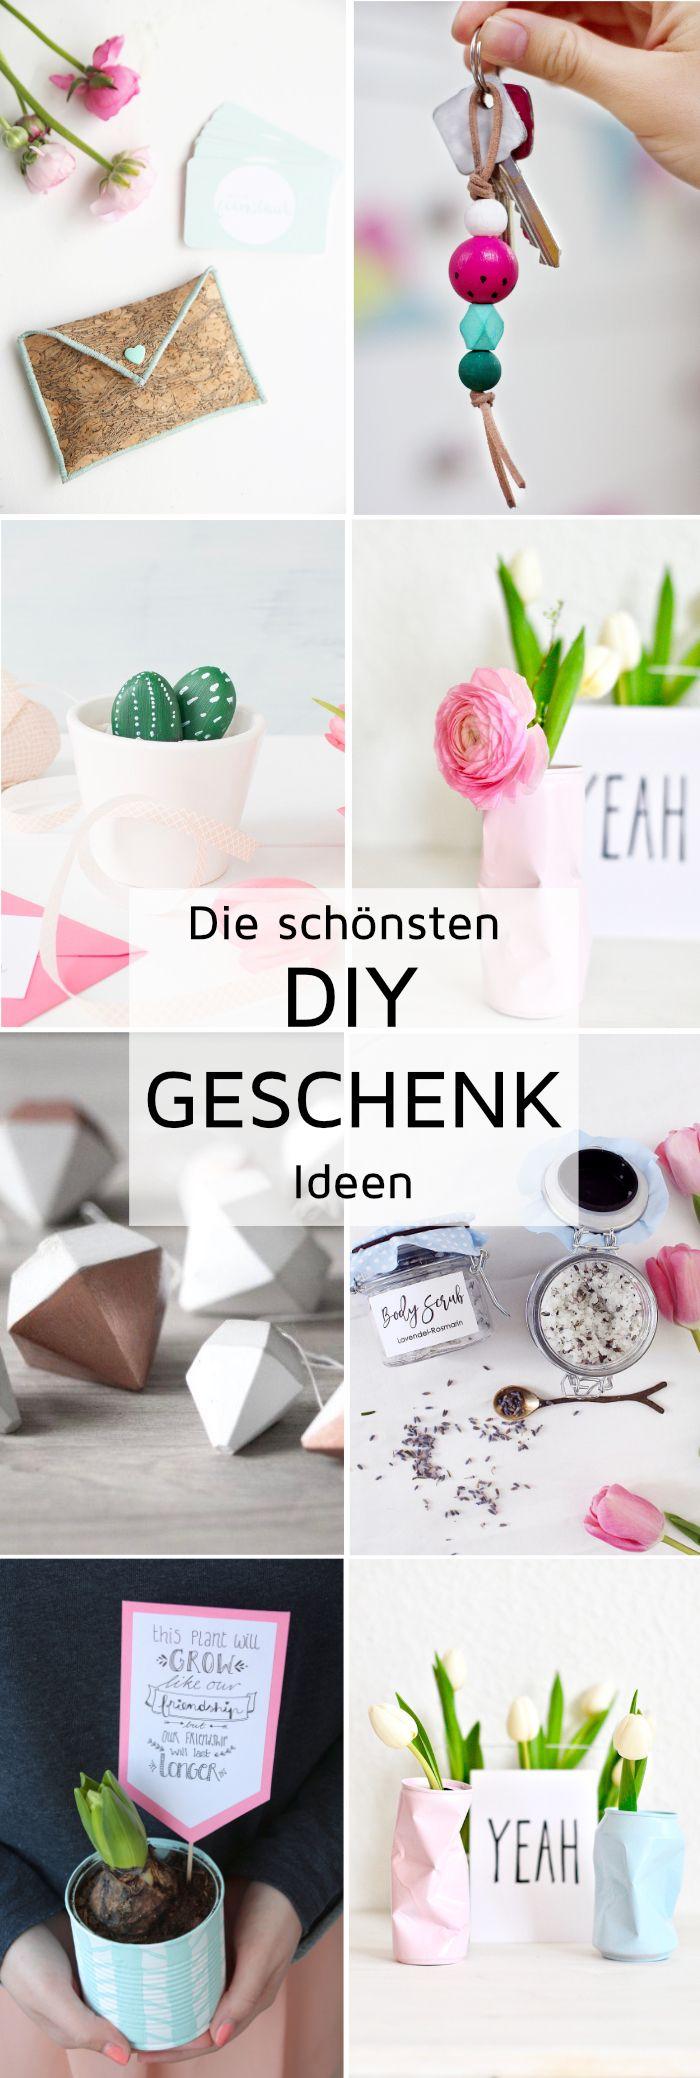 diy geschenke - kreative geschenkideen zum selbermachen | idées